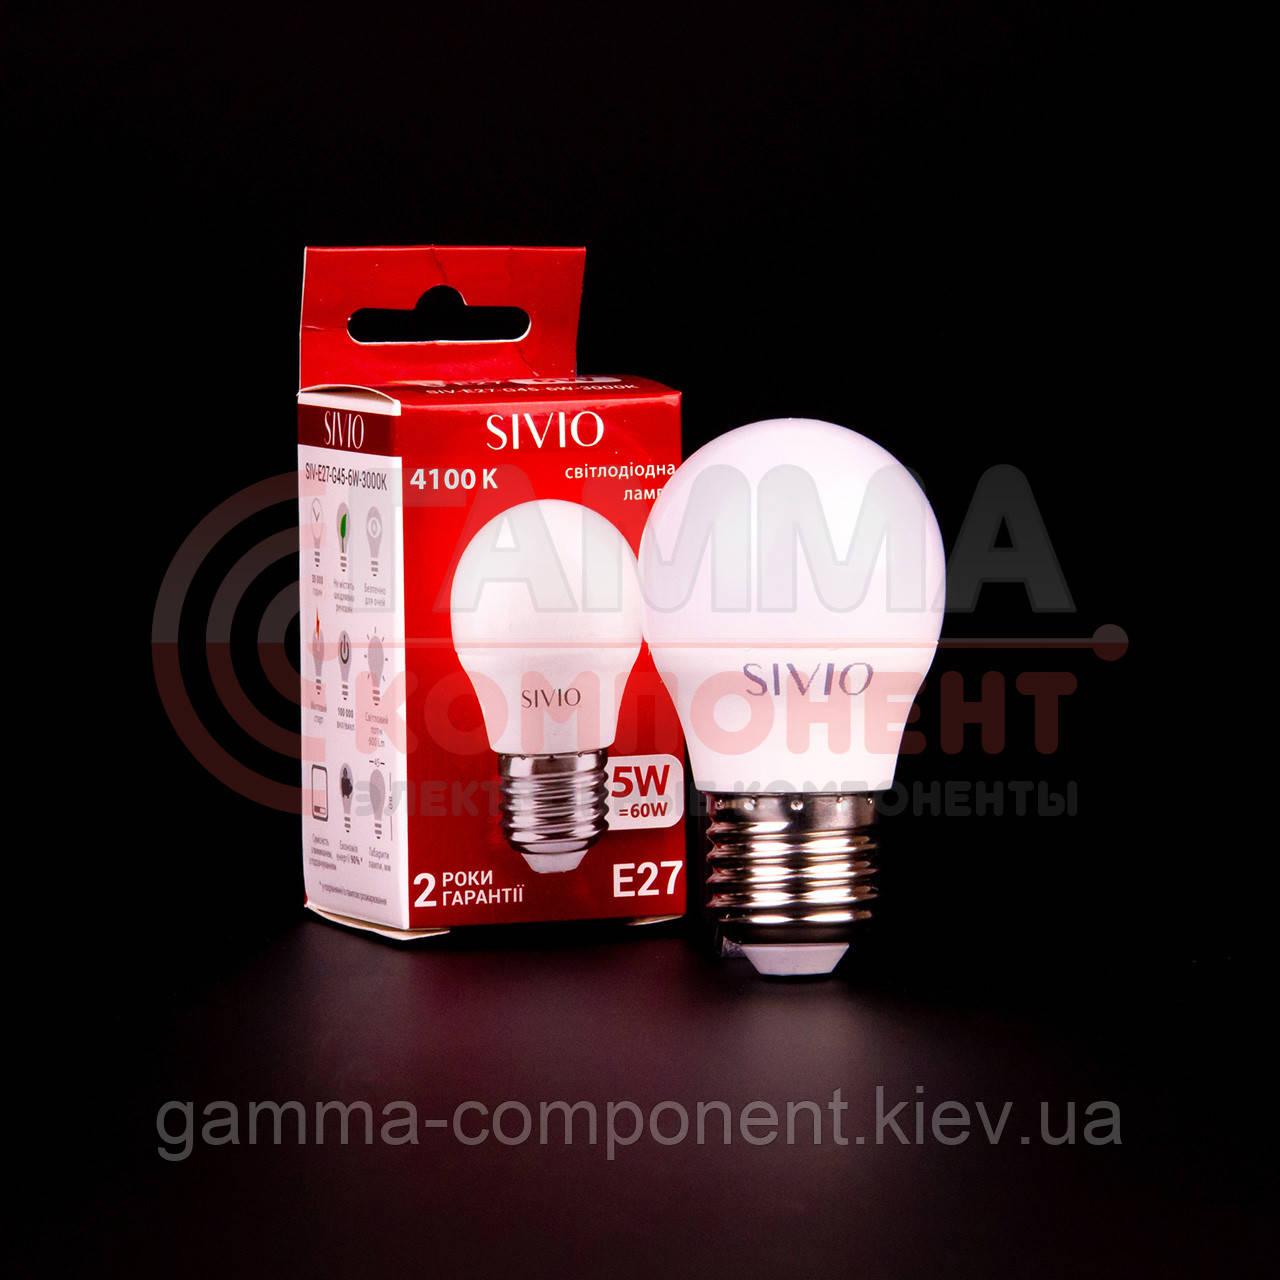 Светодиодная лампа SIVIO G45 5W, E27, 4100K, нейтральный белый